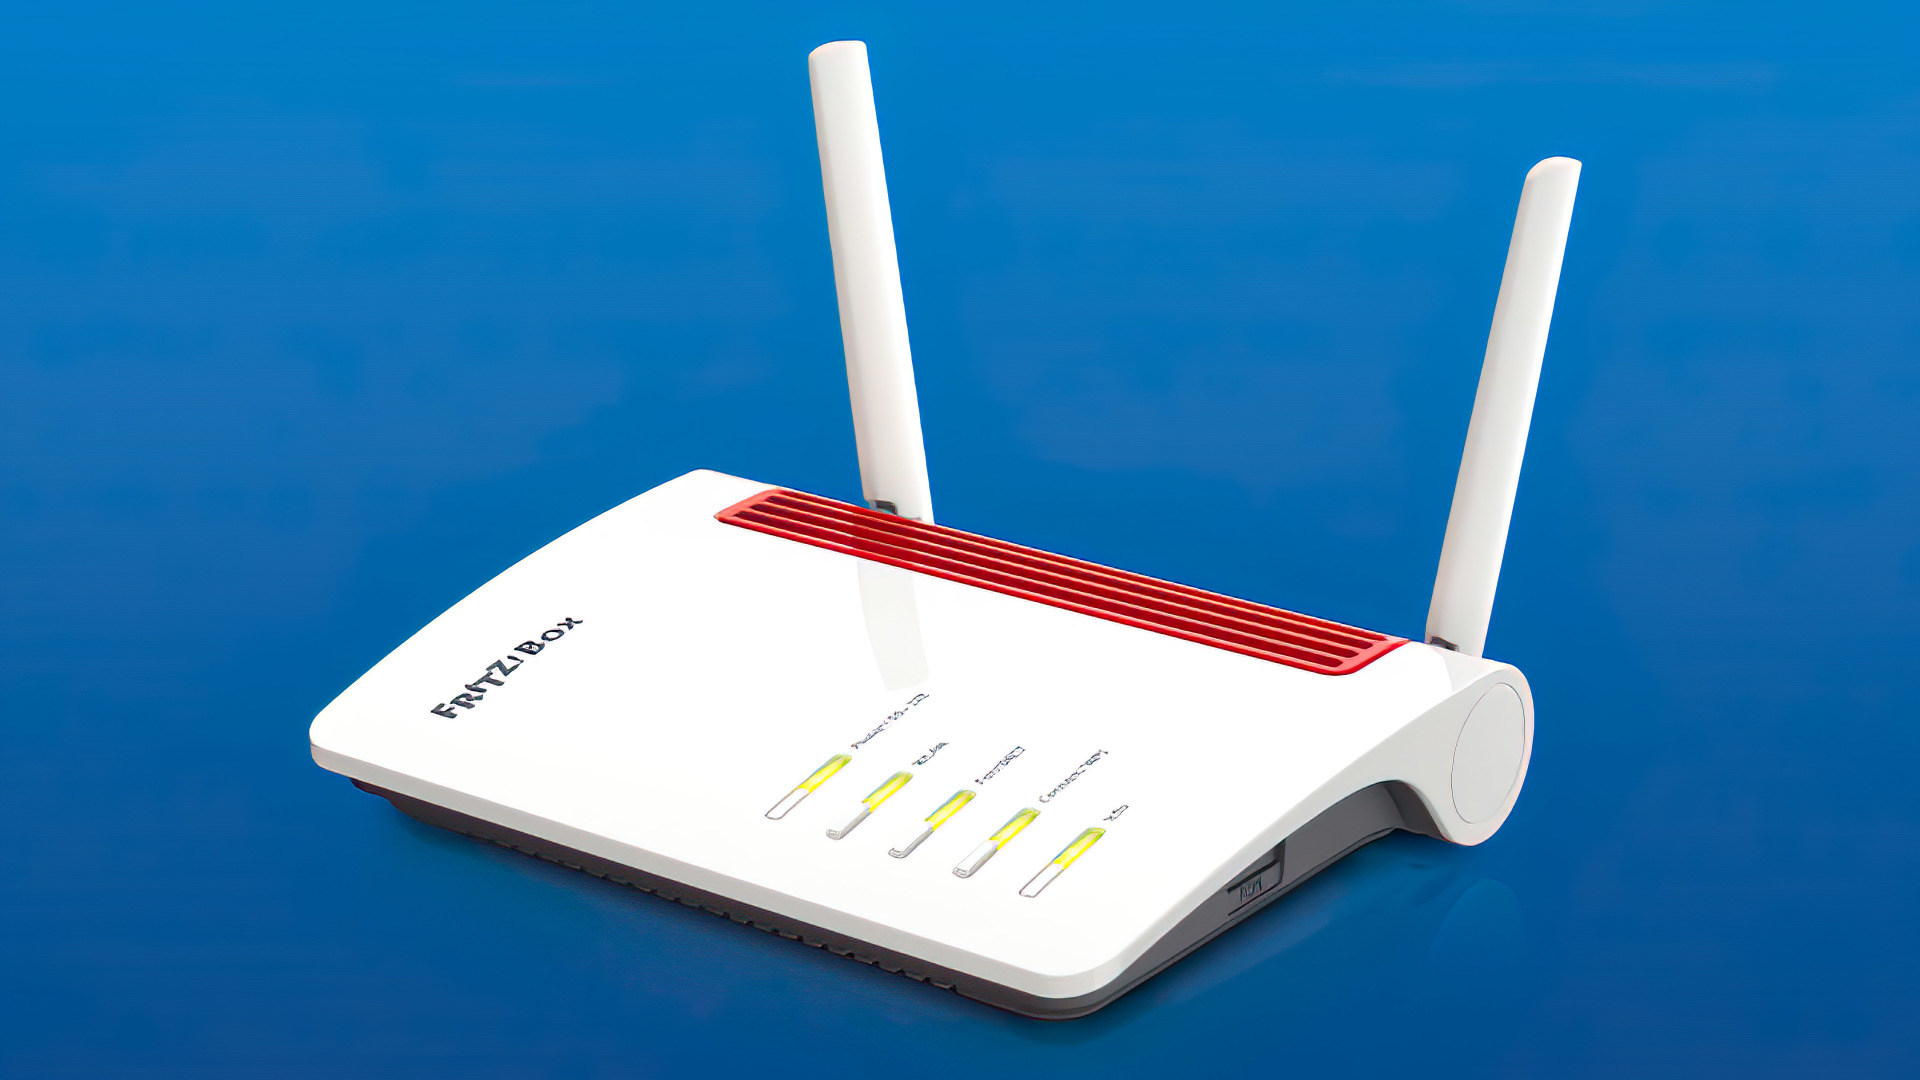 Router, Netzwerk, 5G, Avm, Fritzbox, FritzOS, wlan-router, Wi-Fi, 5G-Netz, FritzBox 6850 5G